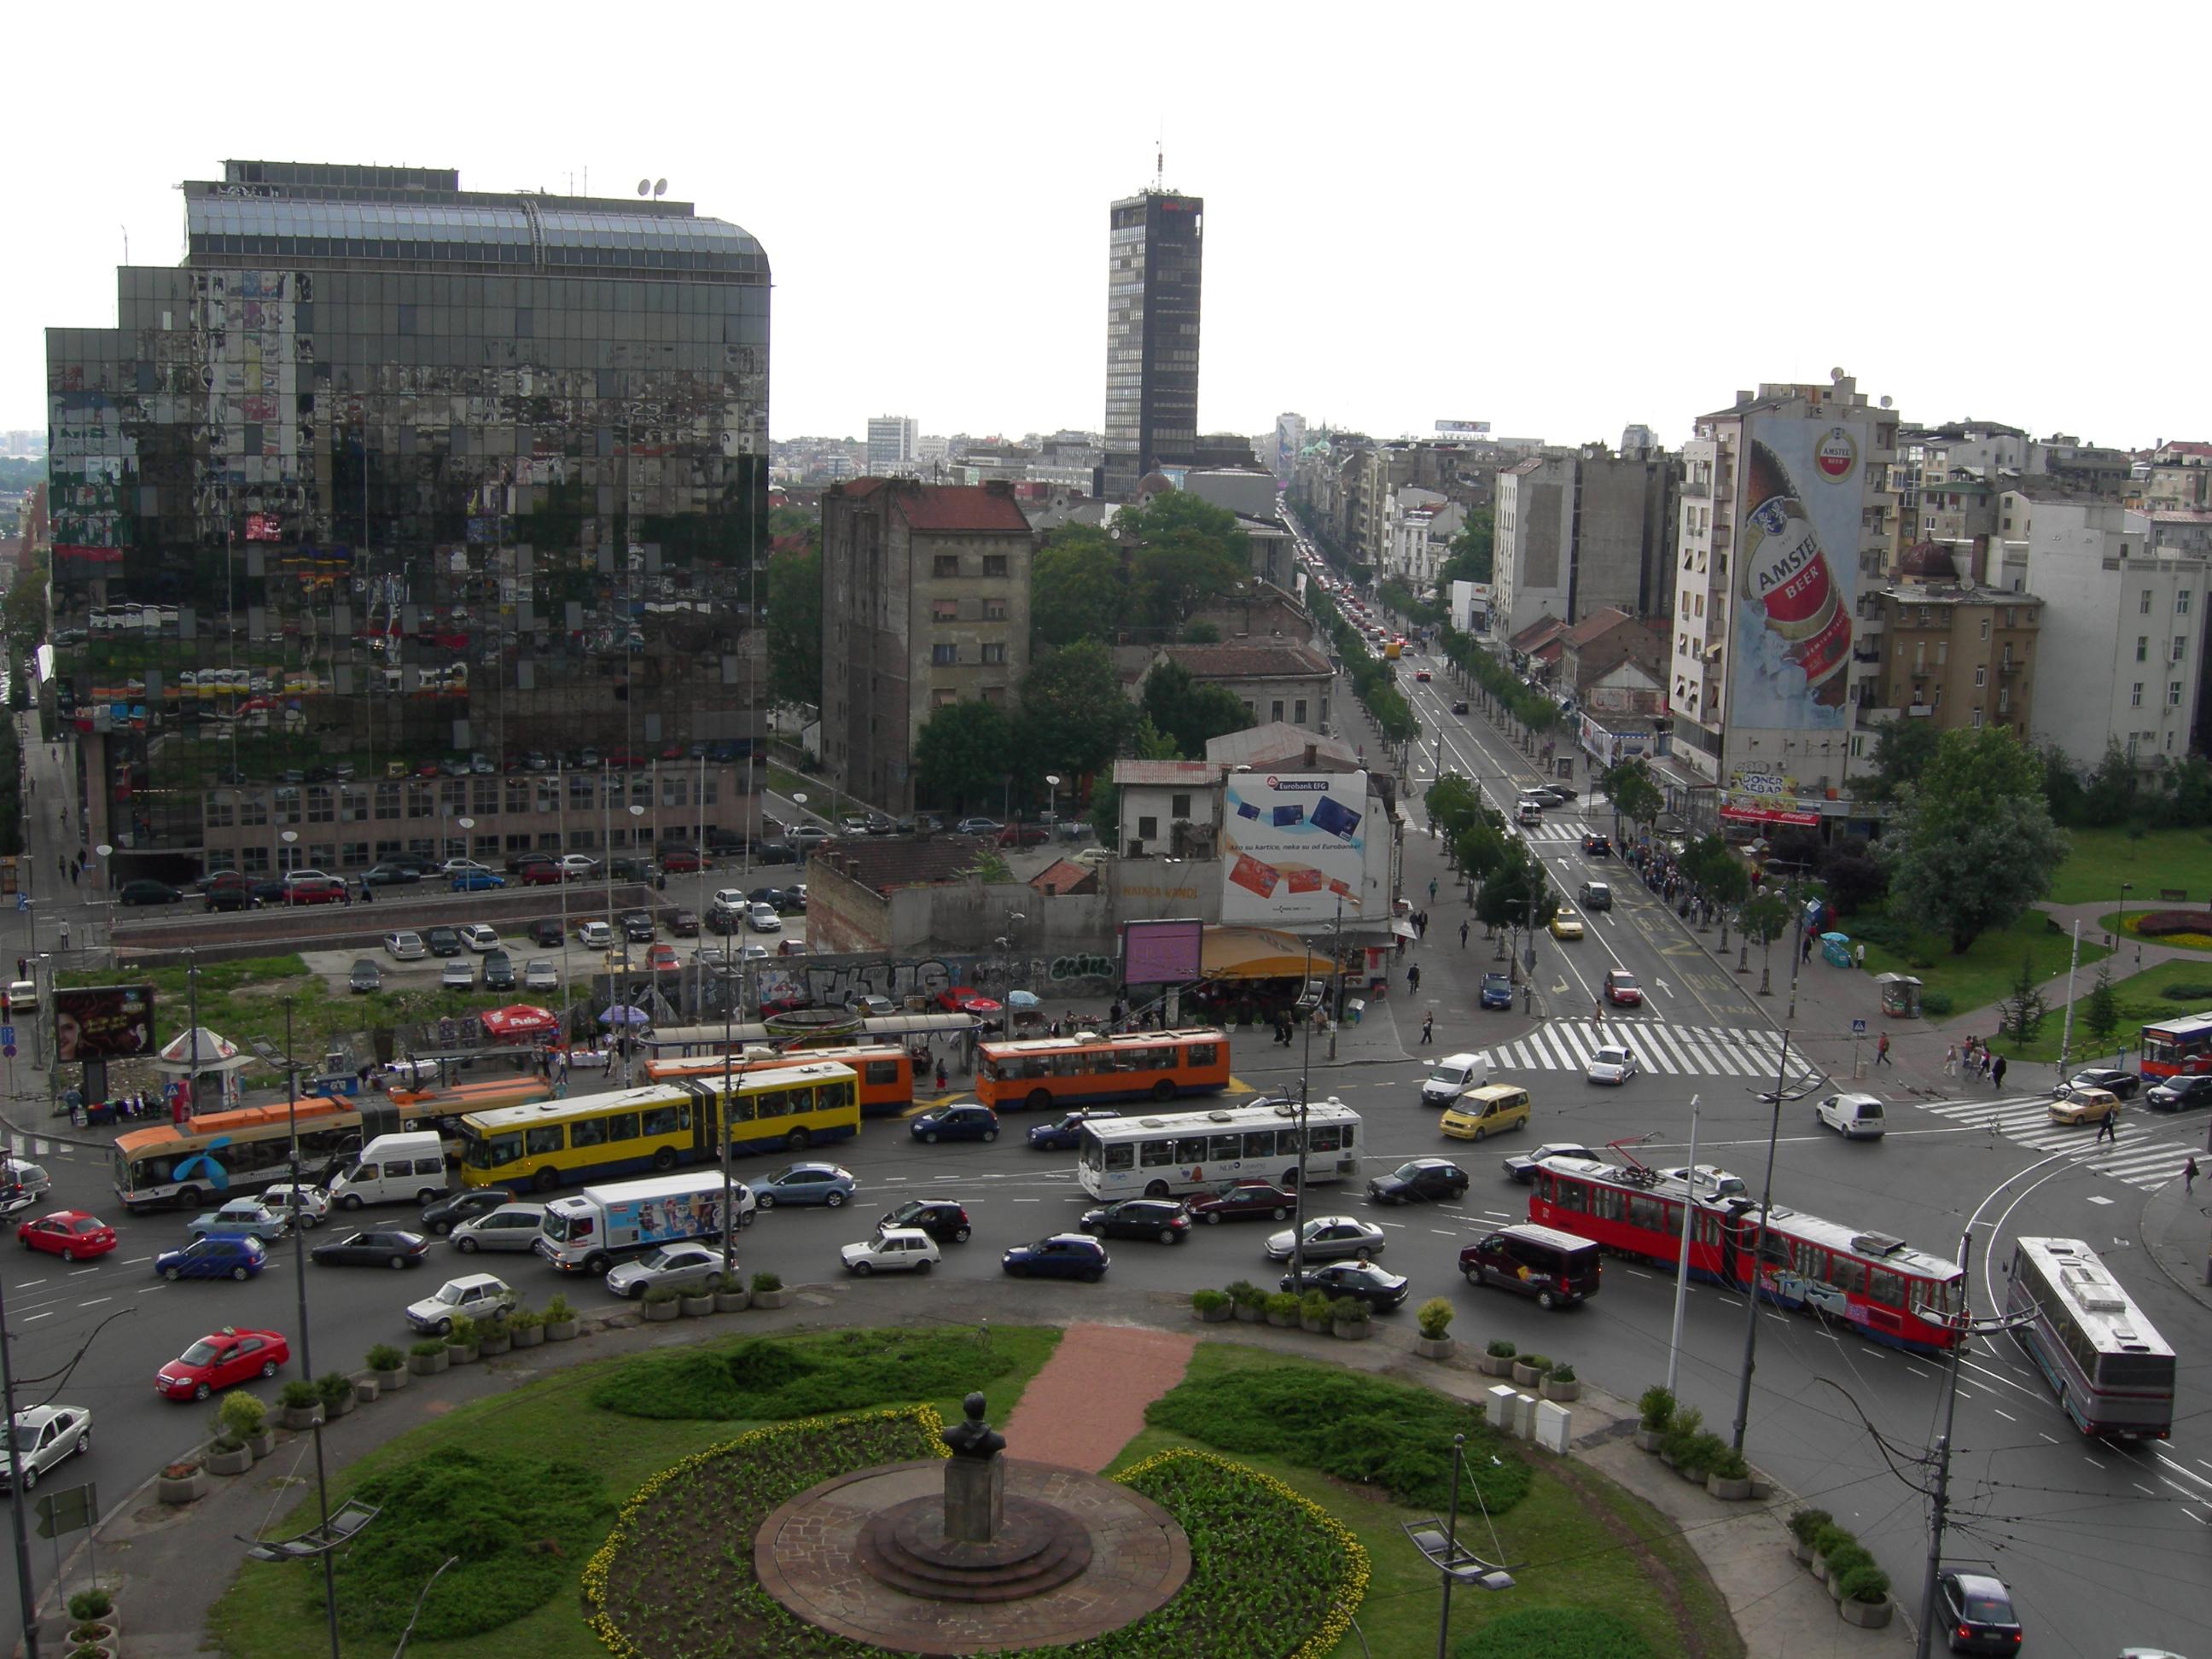 Srpski turizam - Beograd Slavija-Beograd-trg_Dimitrija_Tucovica